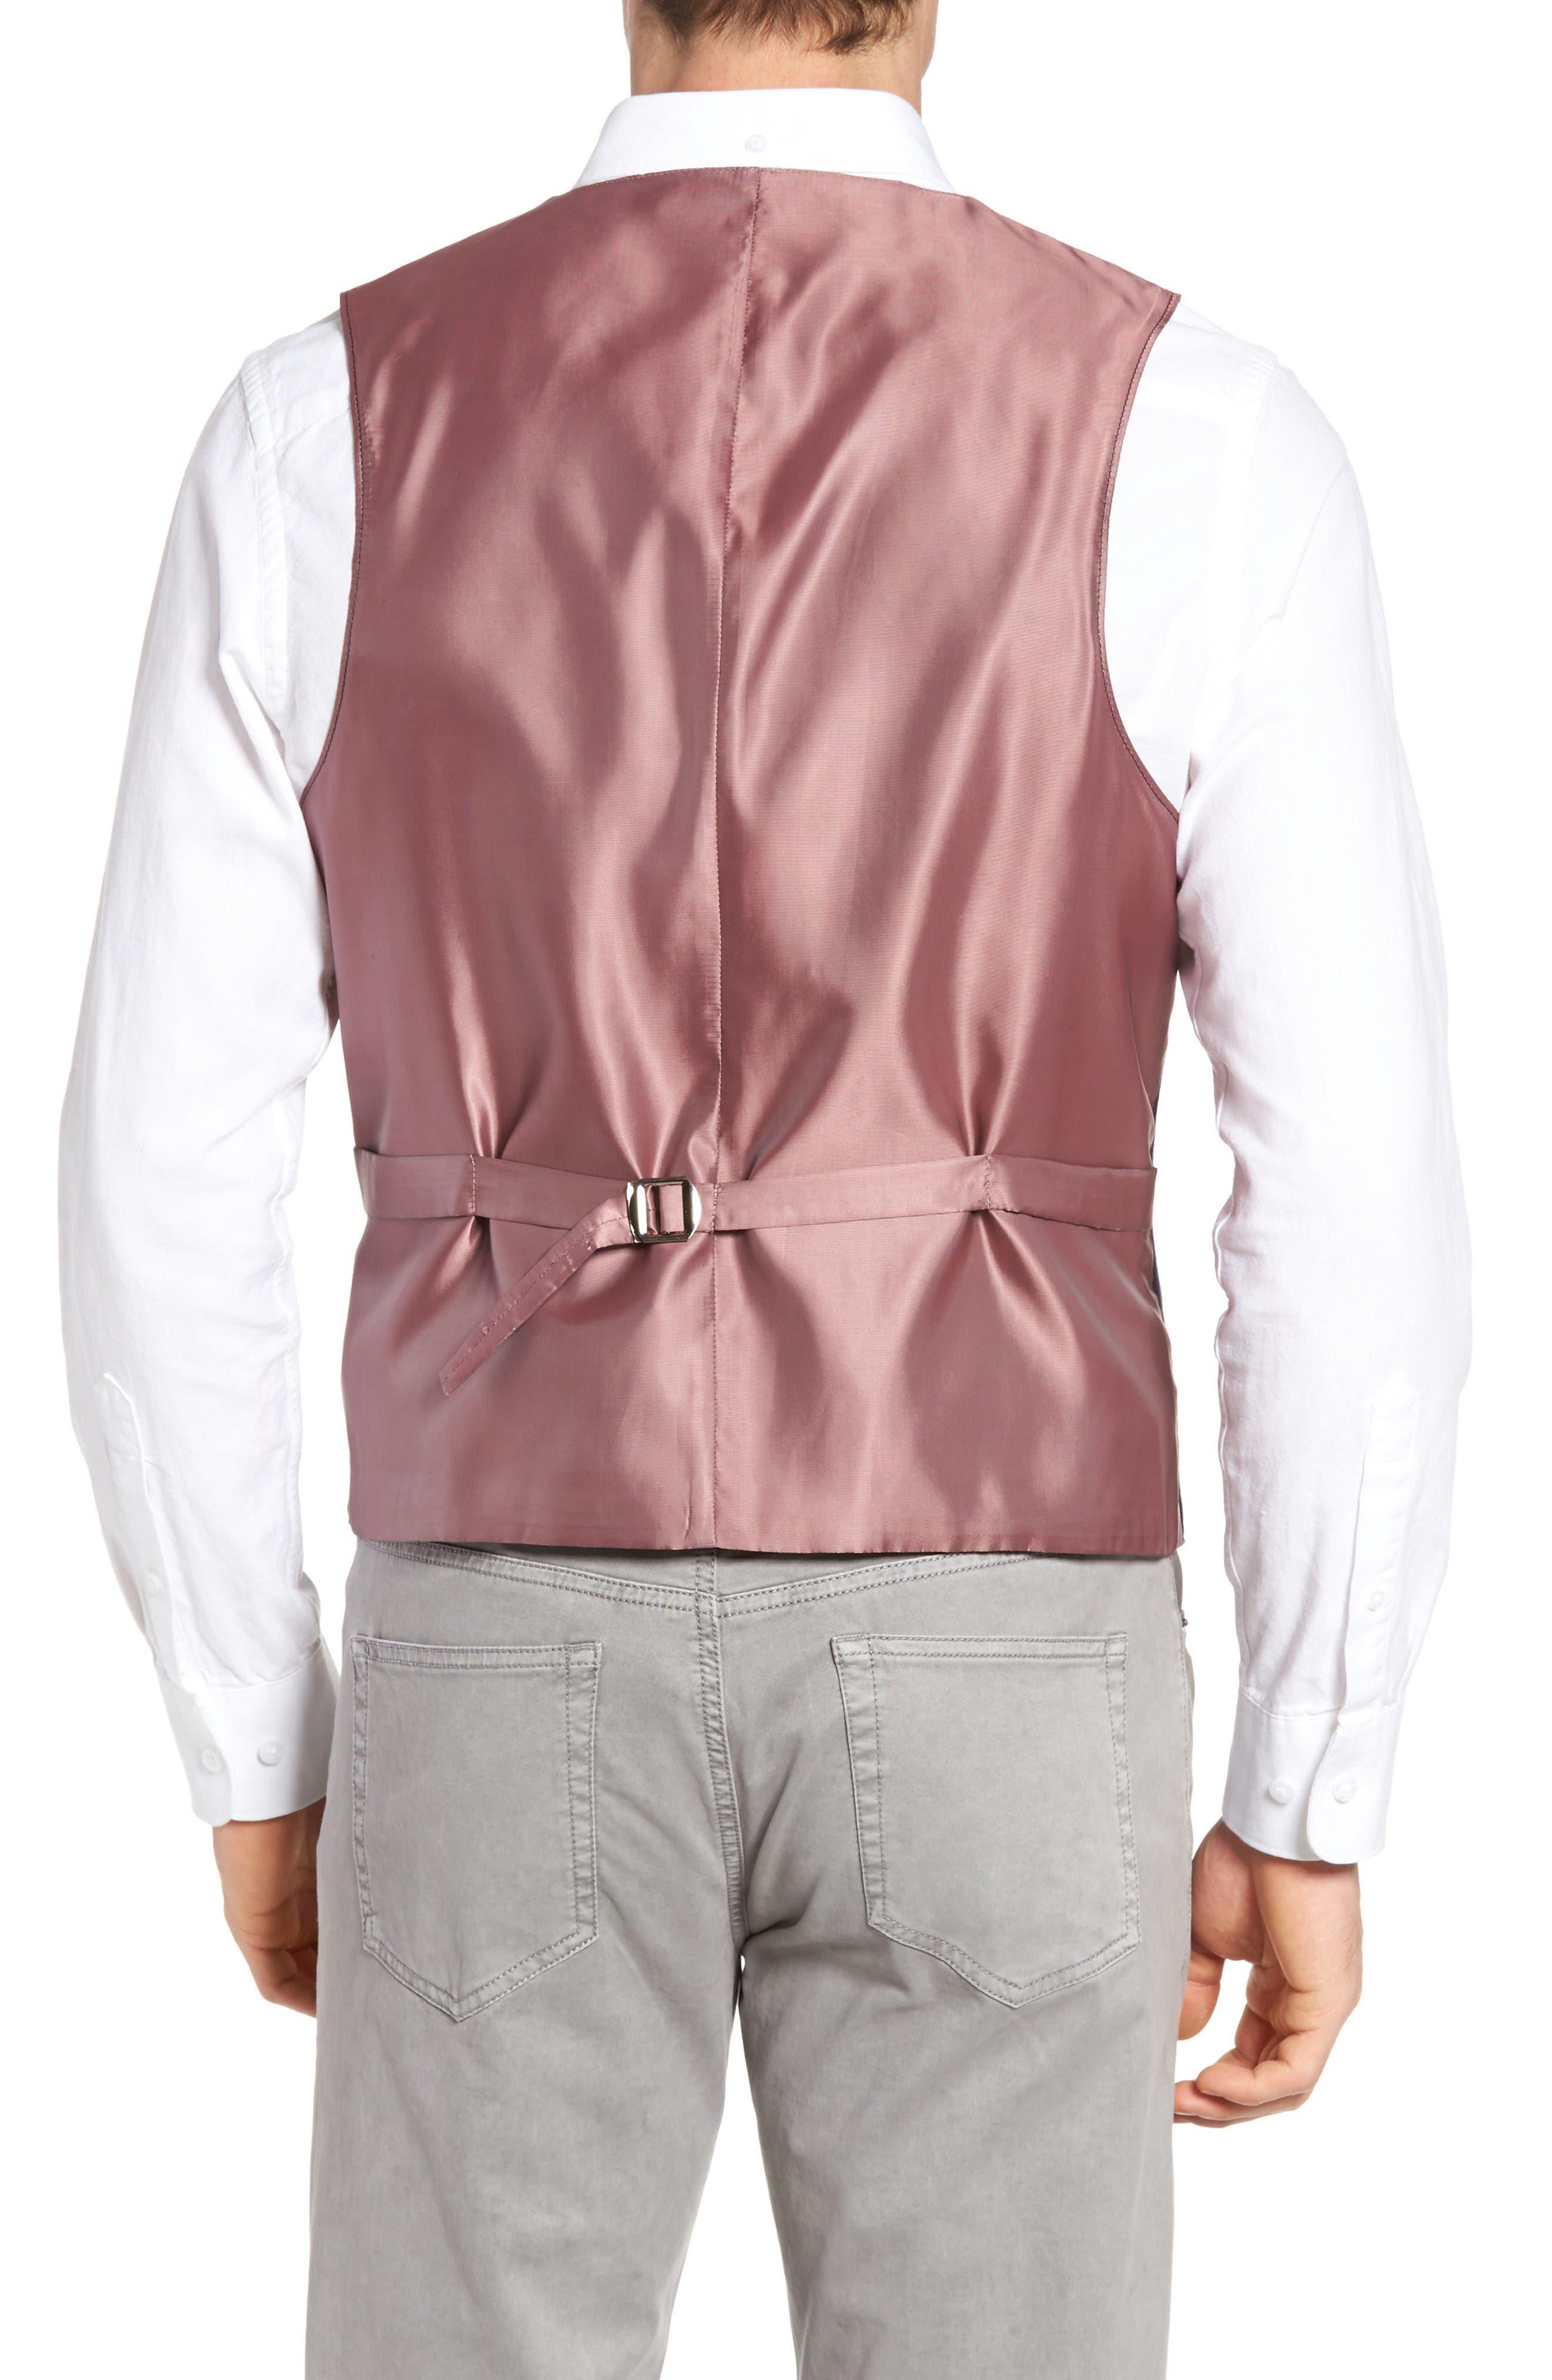 Hootie Solid Cotton & Linen Vest,                             Alternate thumbnail 2, color,                             Navy